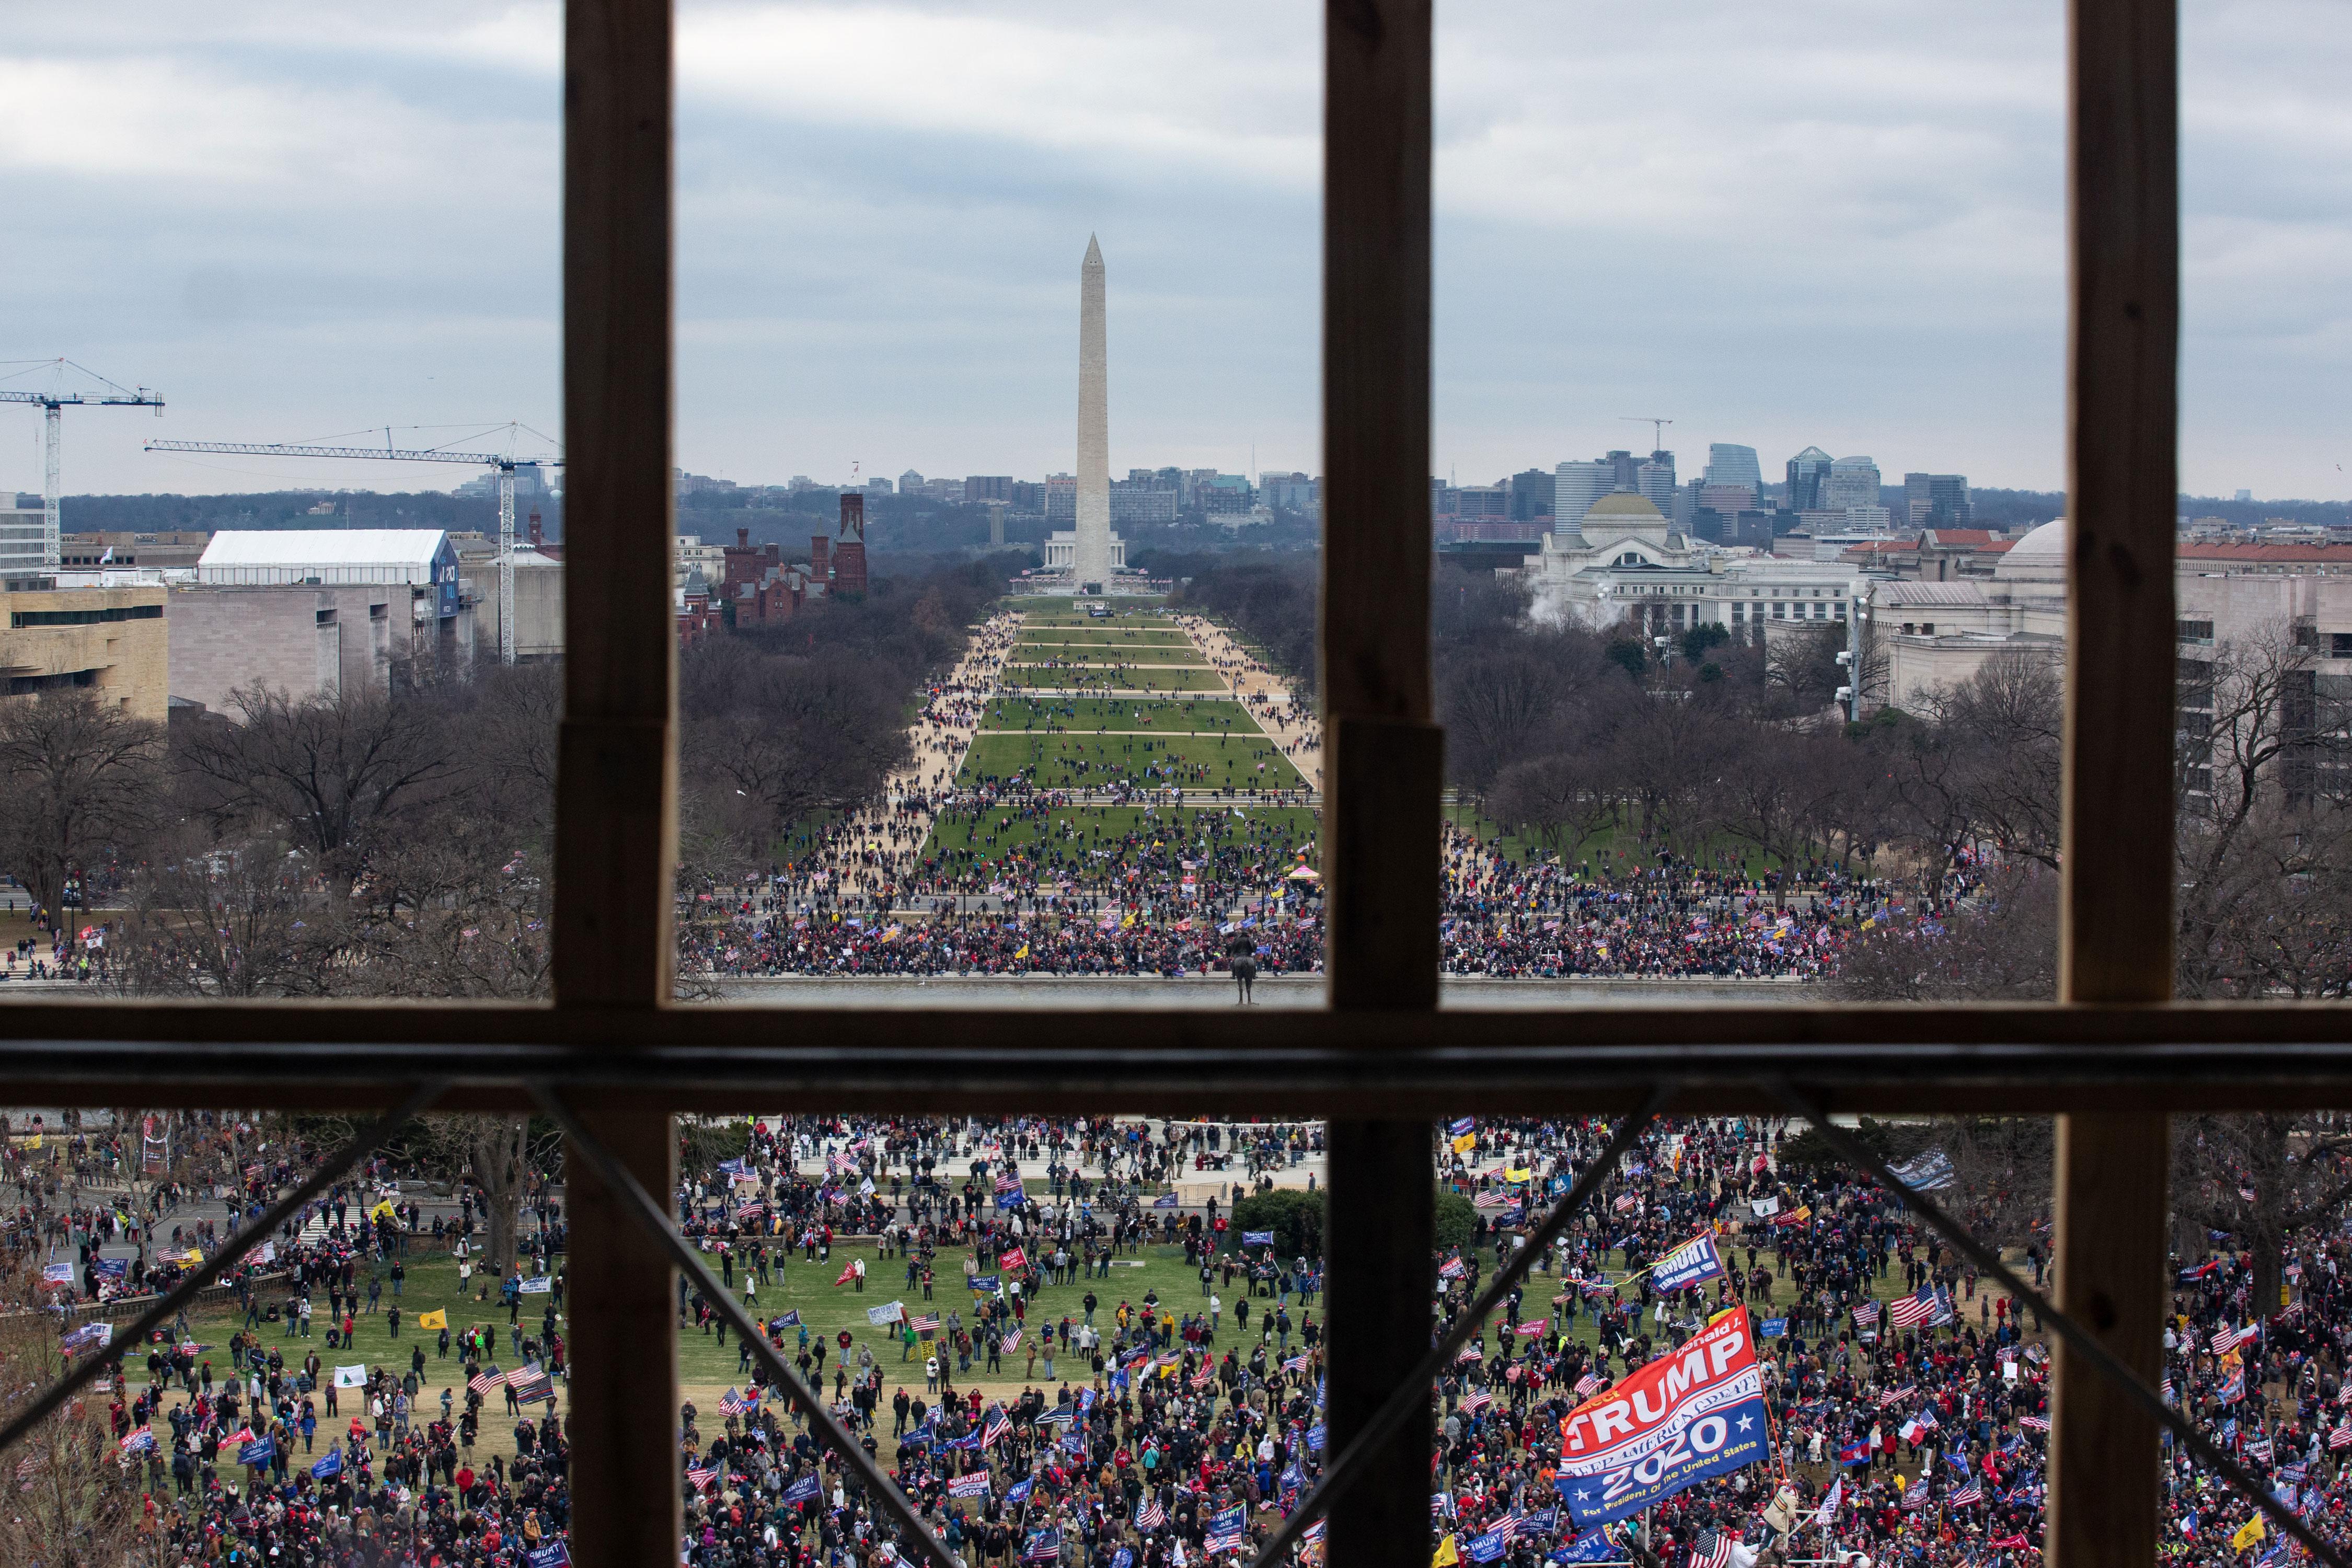 Una multitud de partidarios de Donald Trump se ve desde el interior del Capitolio el 6 de enero.